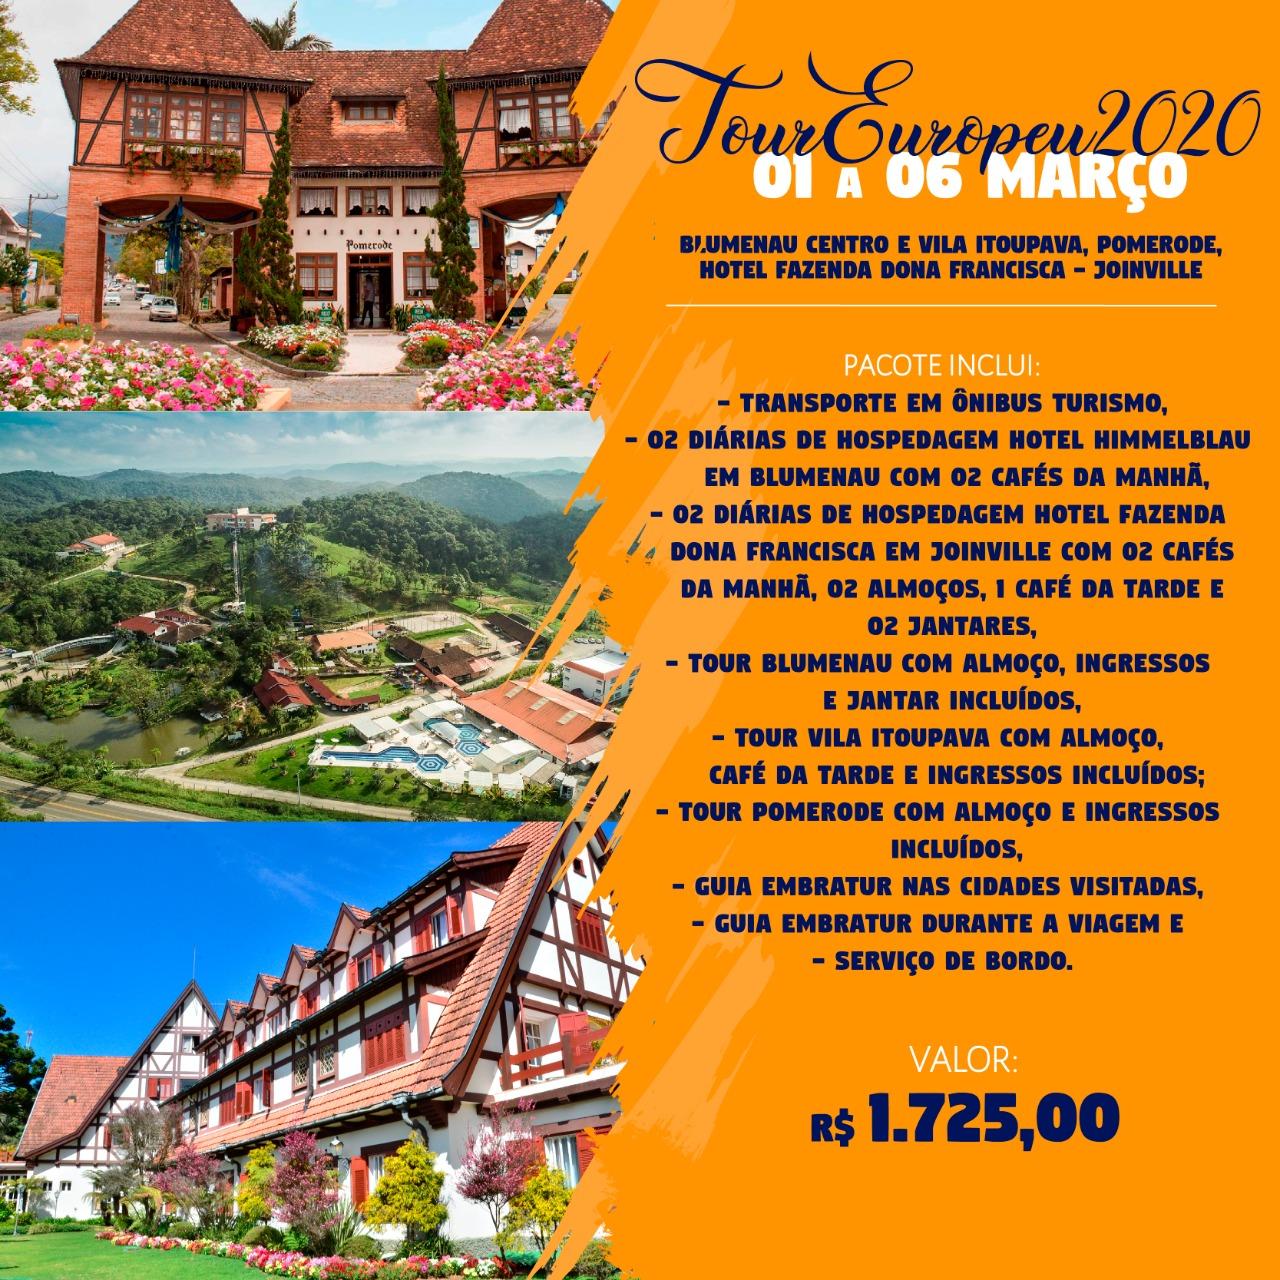 Tour Europeu 2020